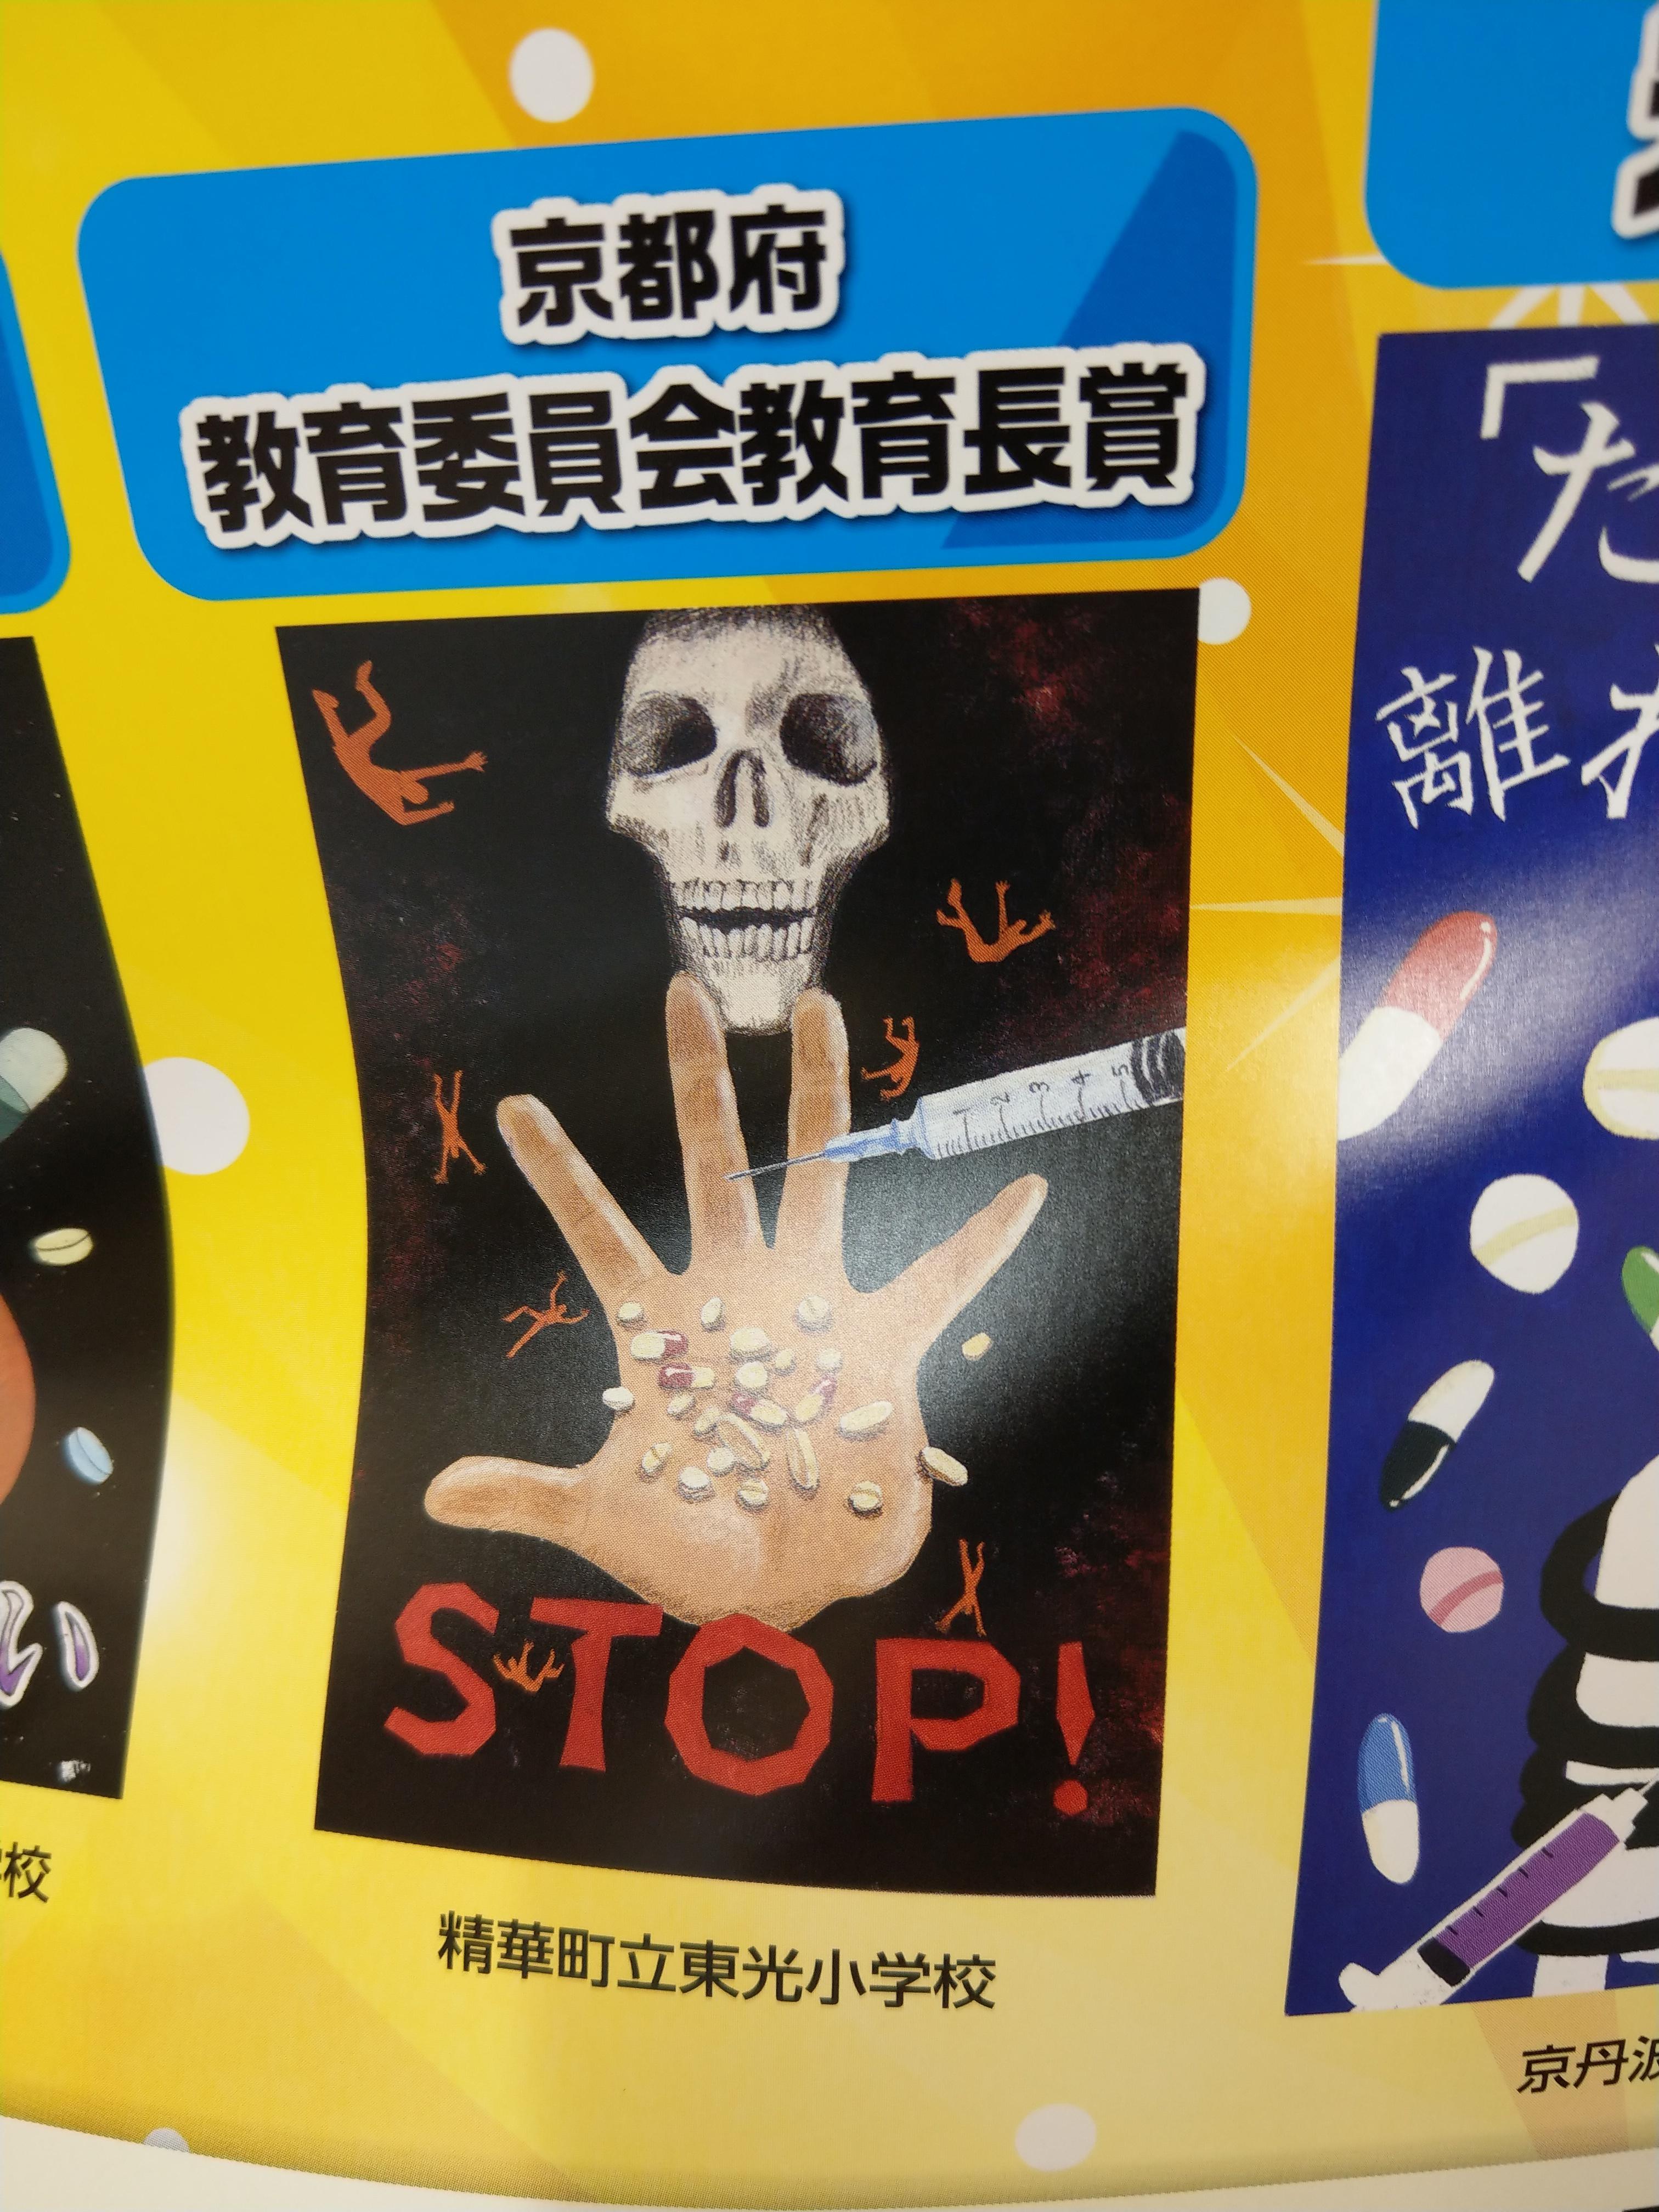 濫用 乱用 ポスター 薬物 防止